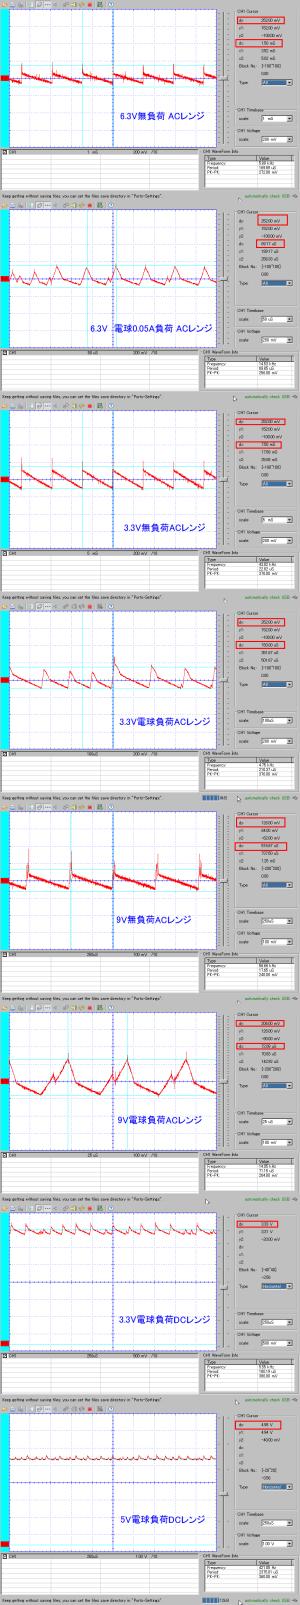 測定波形データ